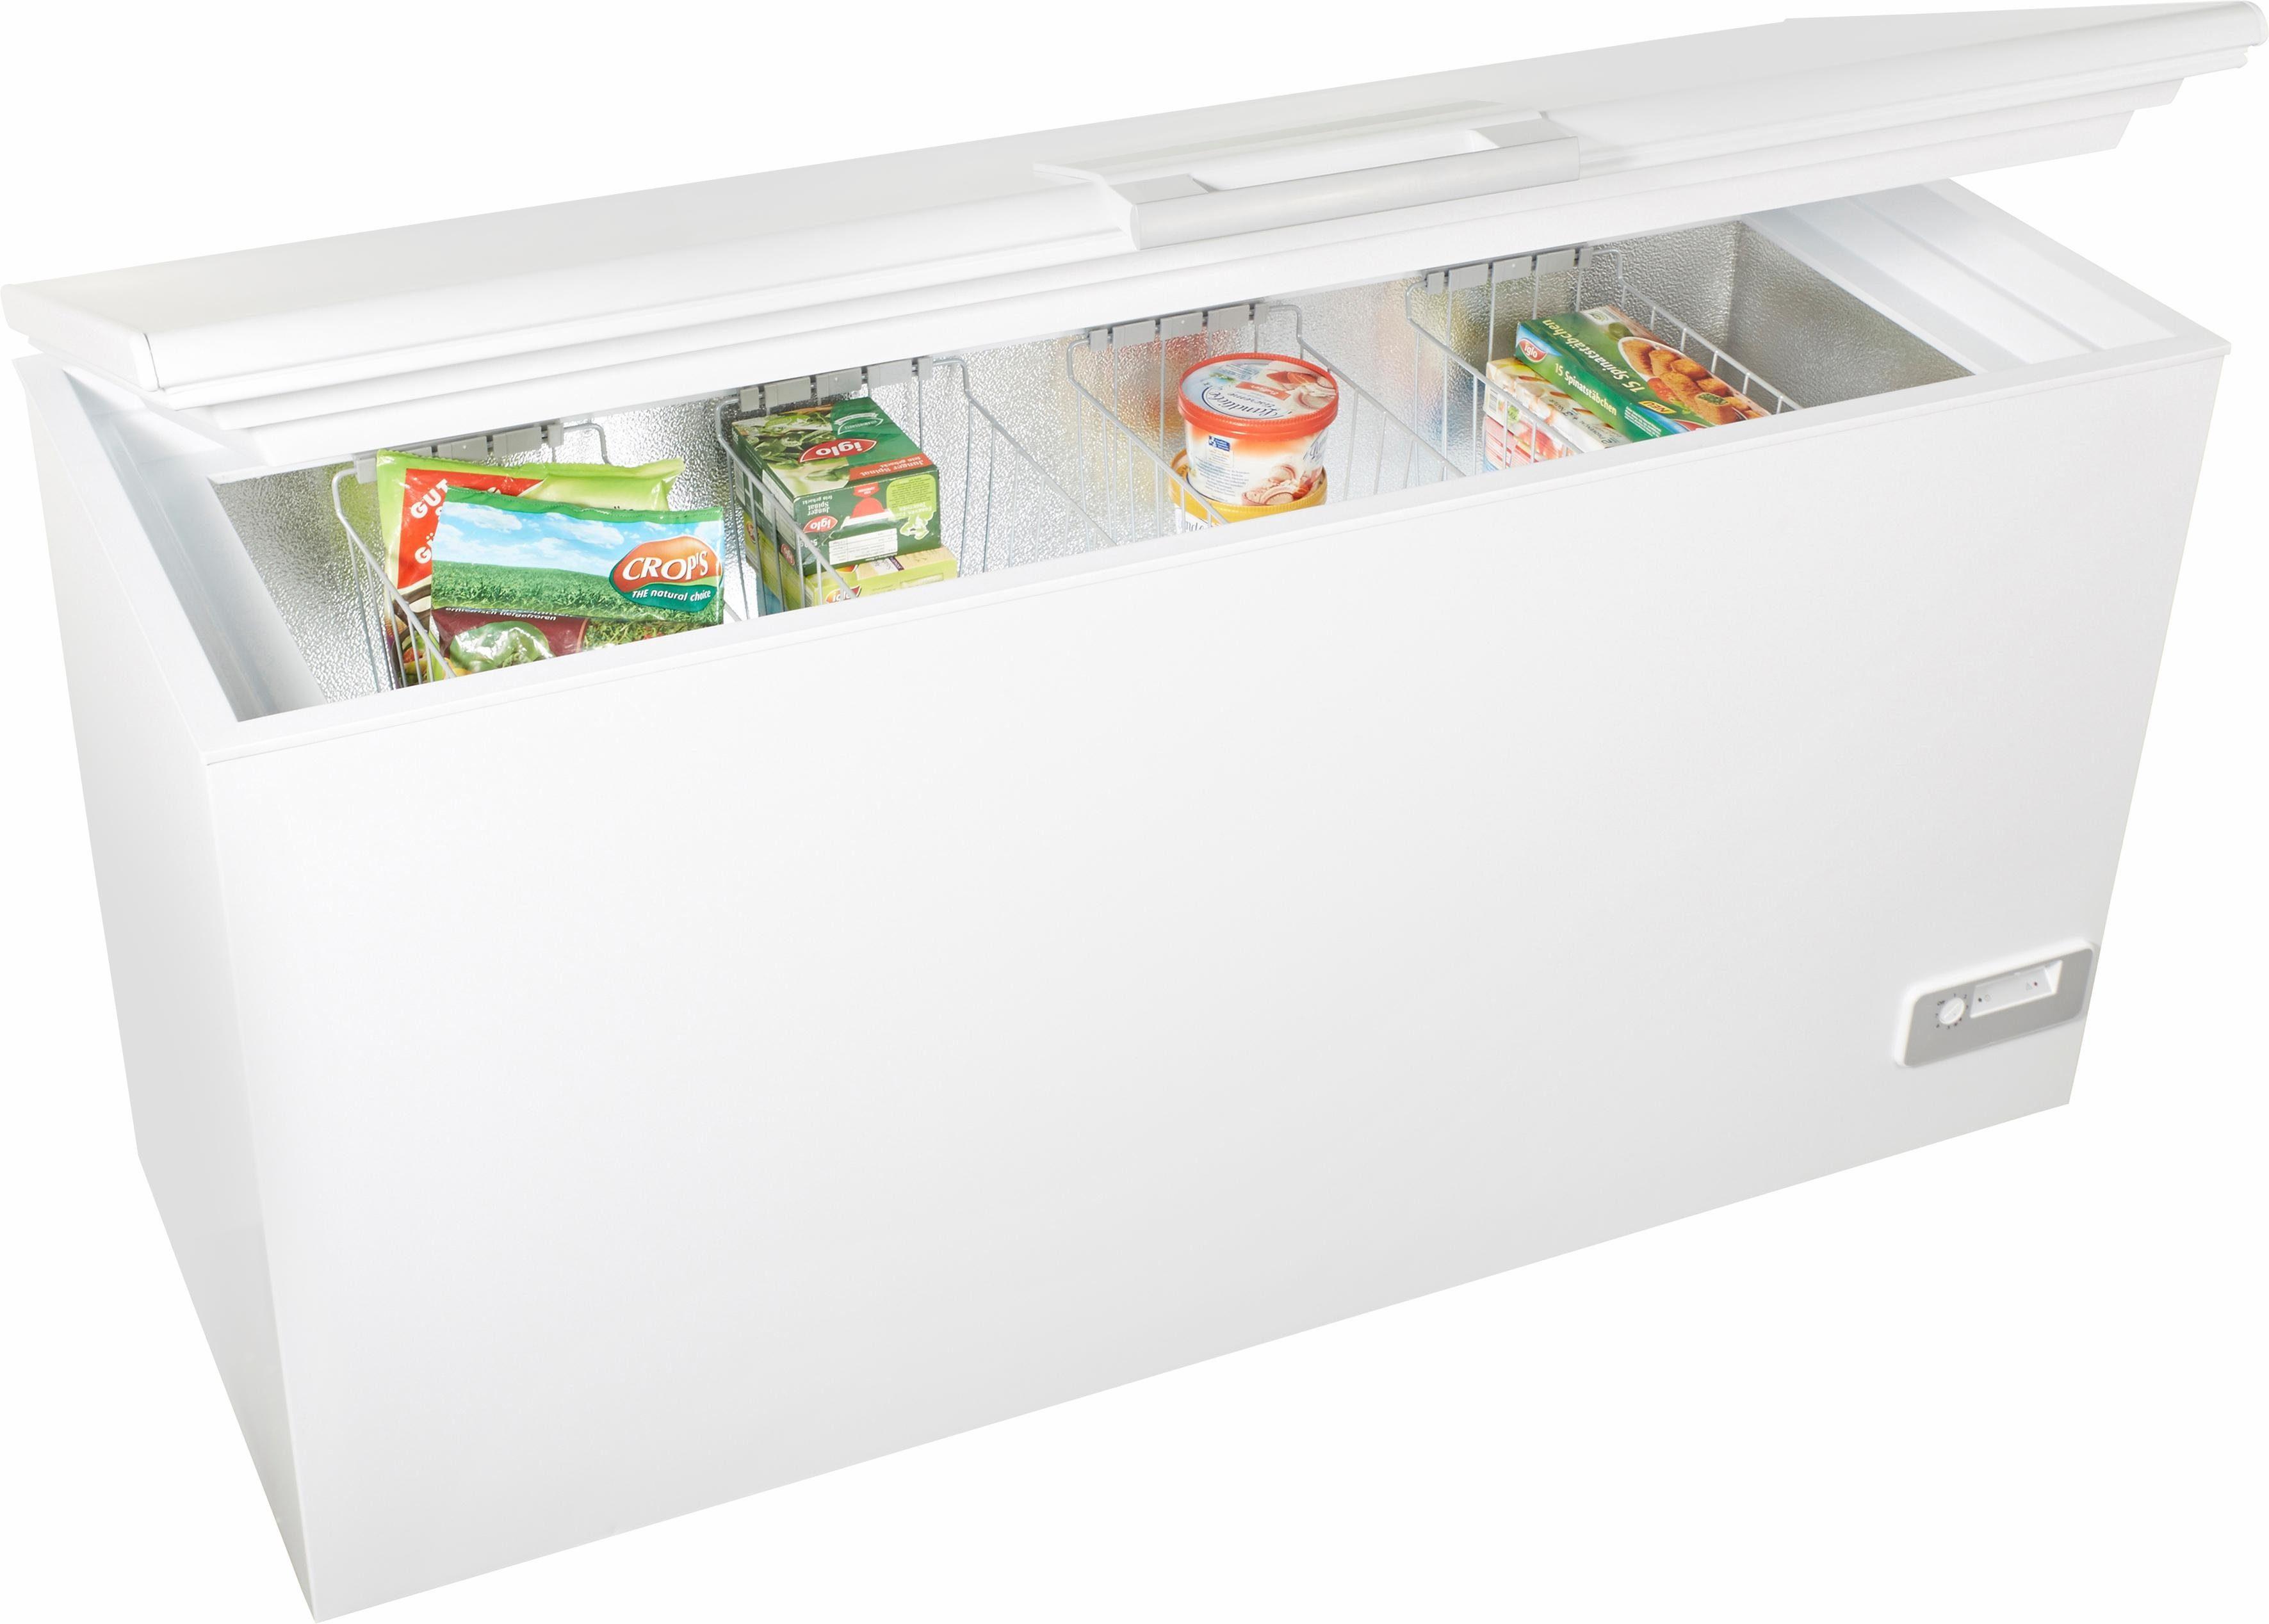 Aeg Kühlschrank Händler : Aeg gefriertruhen online kaufen otto